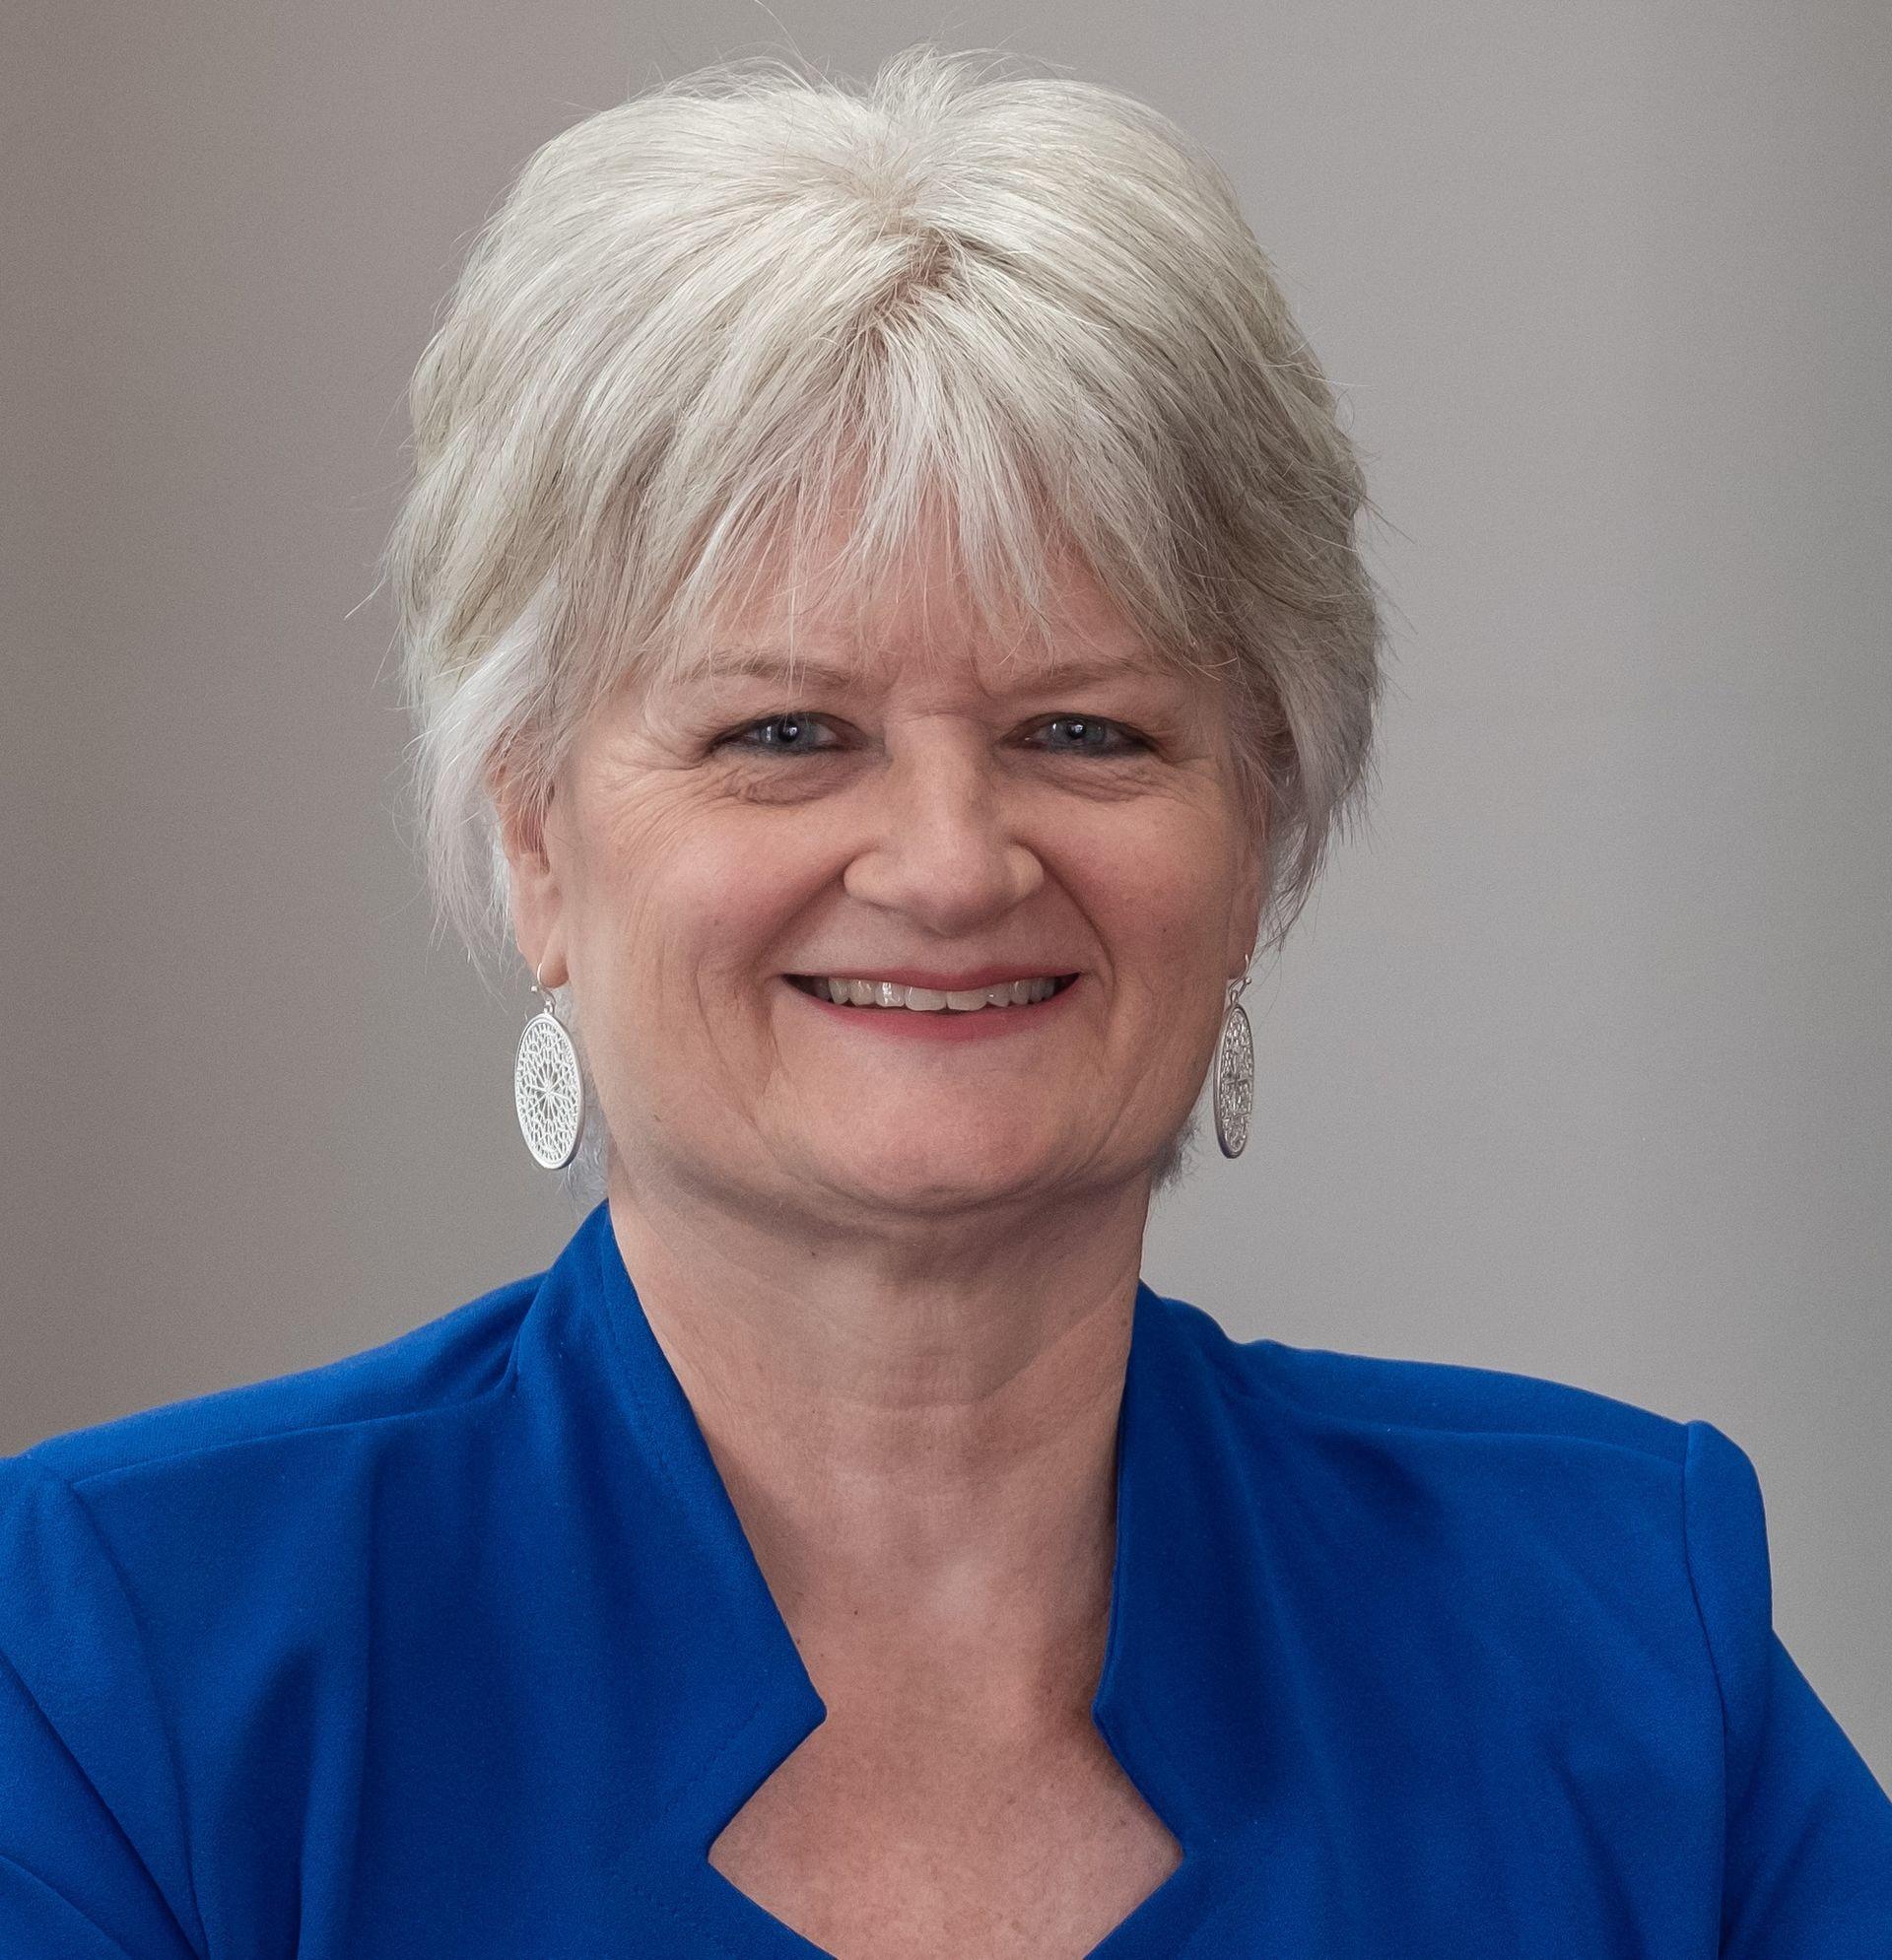 Eileen Brubaker * Portrait